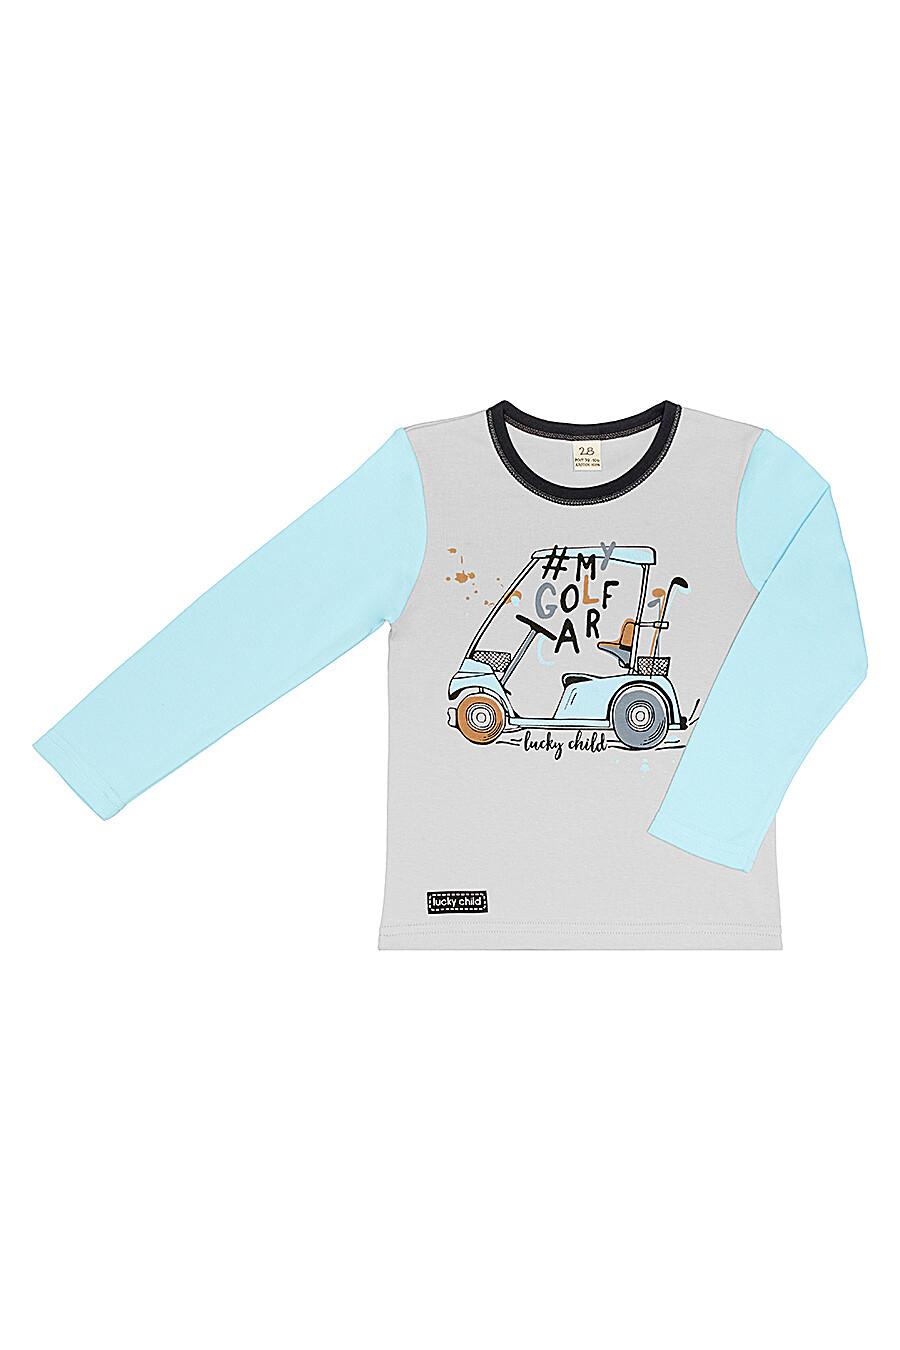 Джемпер для мальчиков LUCKY CHILD 184647 купить оптом от производителя. Совместная покупка детской одежды в OptMoyo